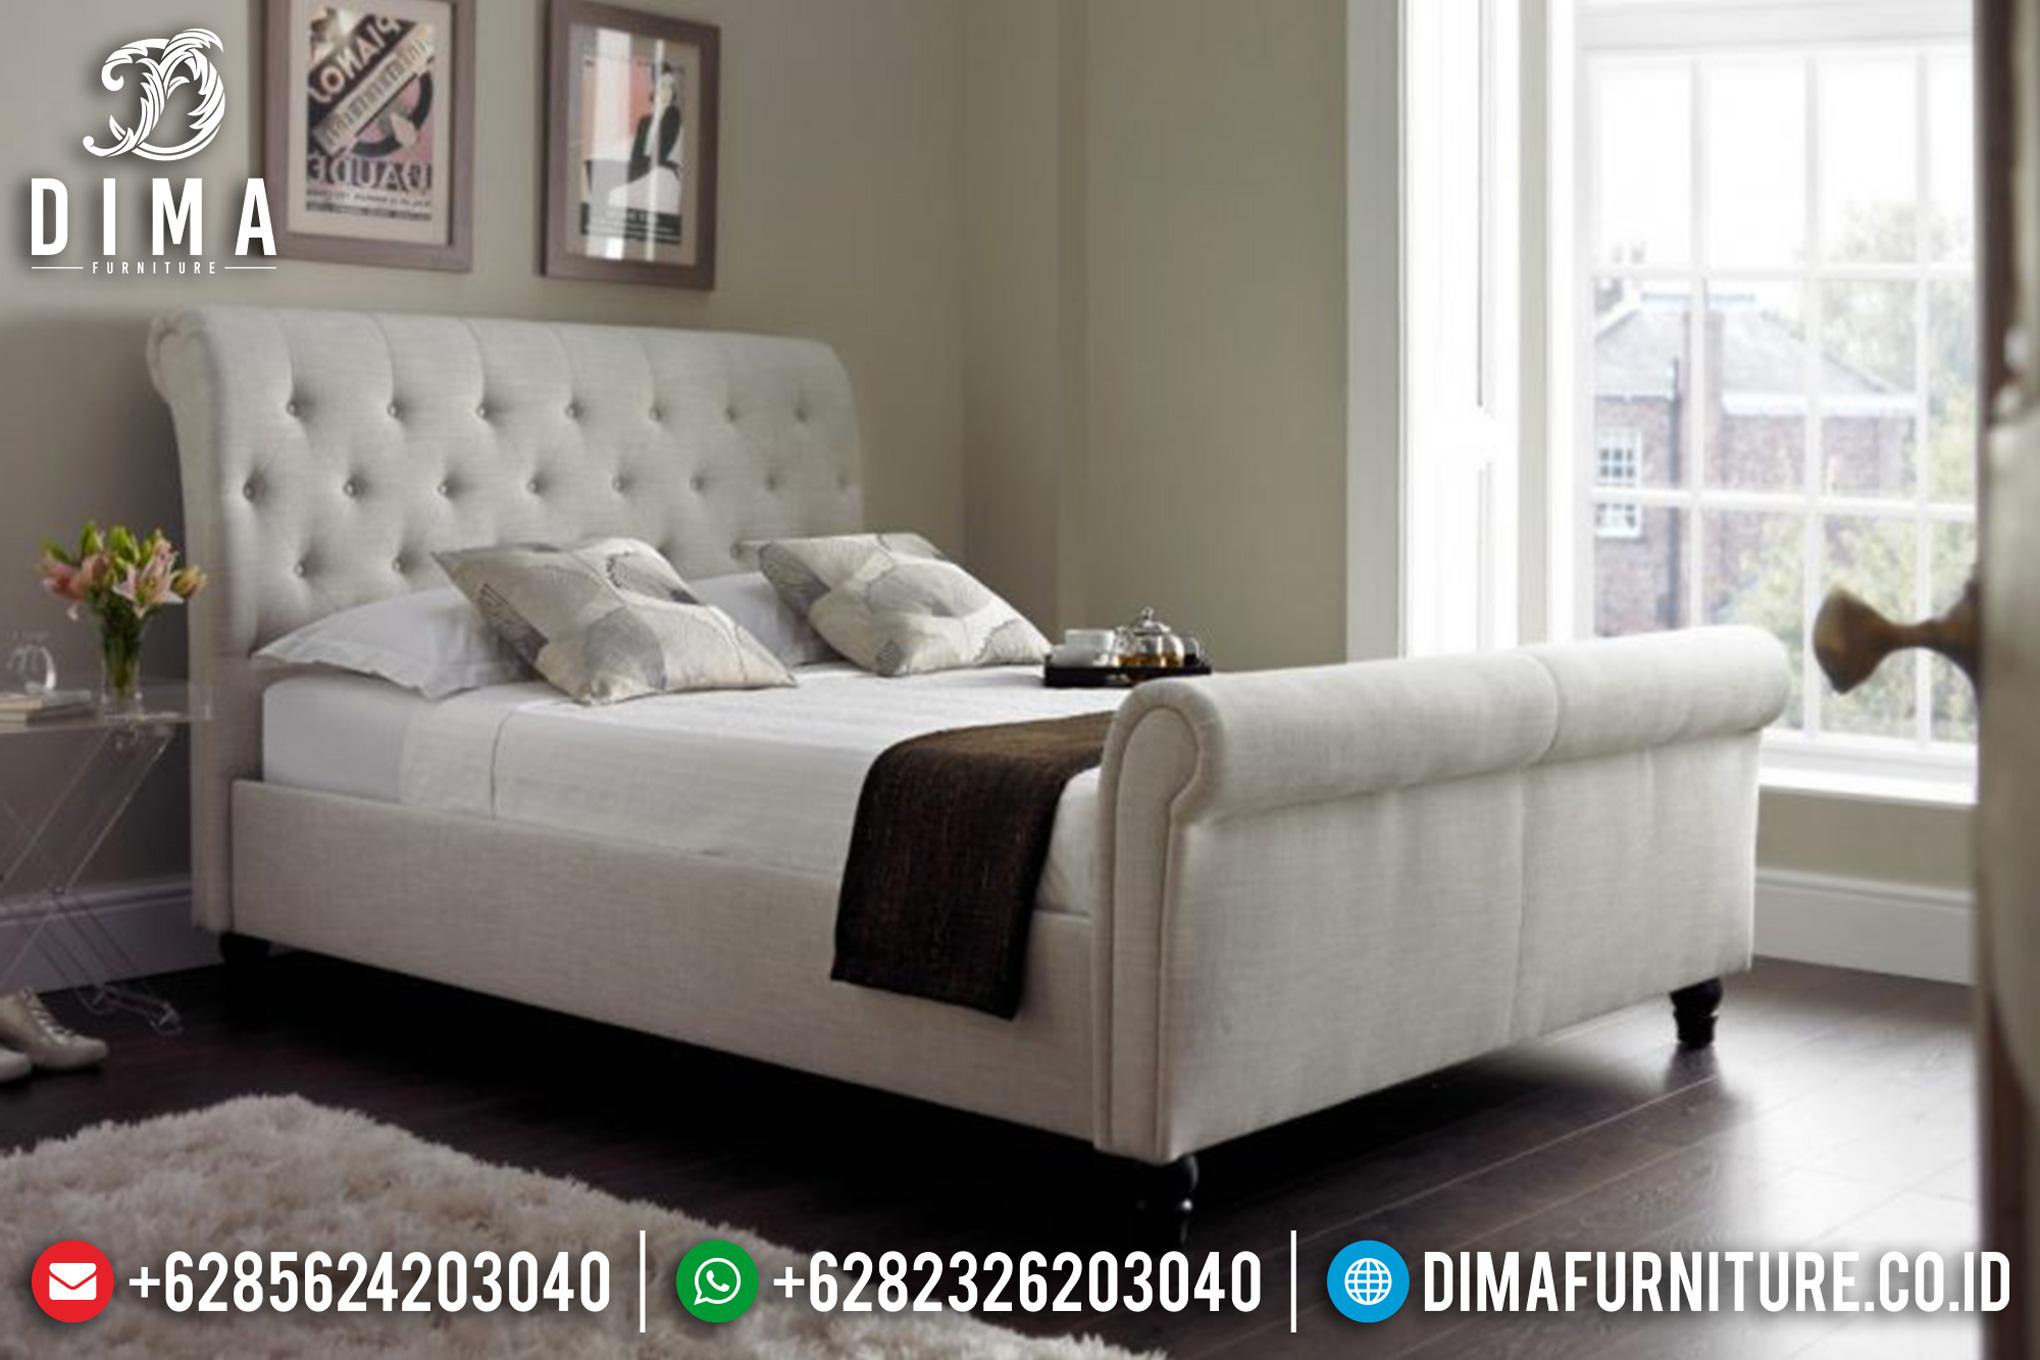 Mebel Jepara Terbaru Set Kamar Tidur Minimalis Mewah Full Cover DF-0359